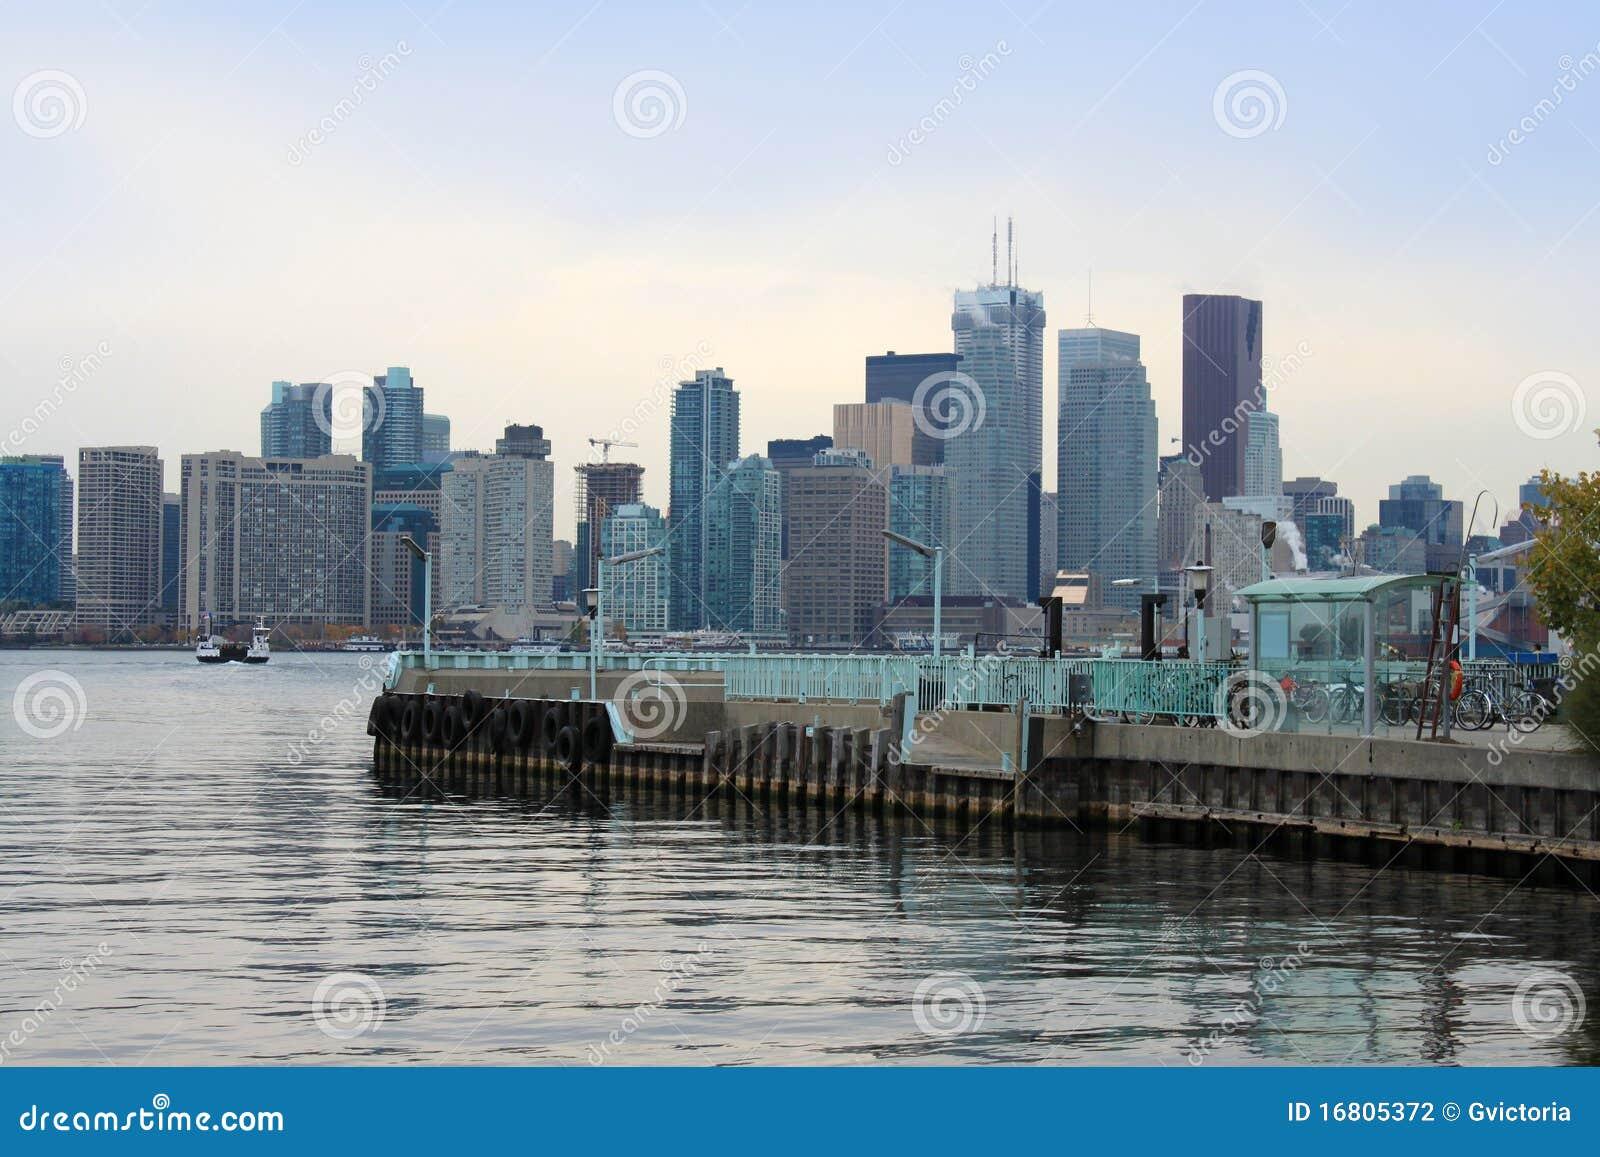 Inselpier des Bezirks, Toronto